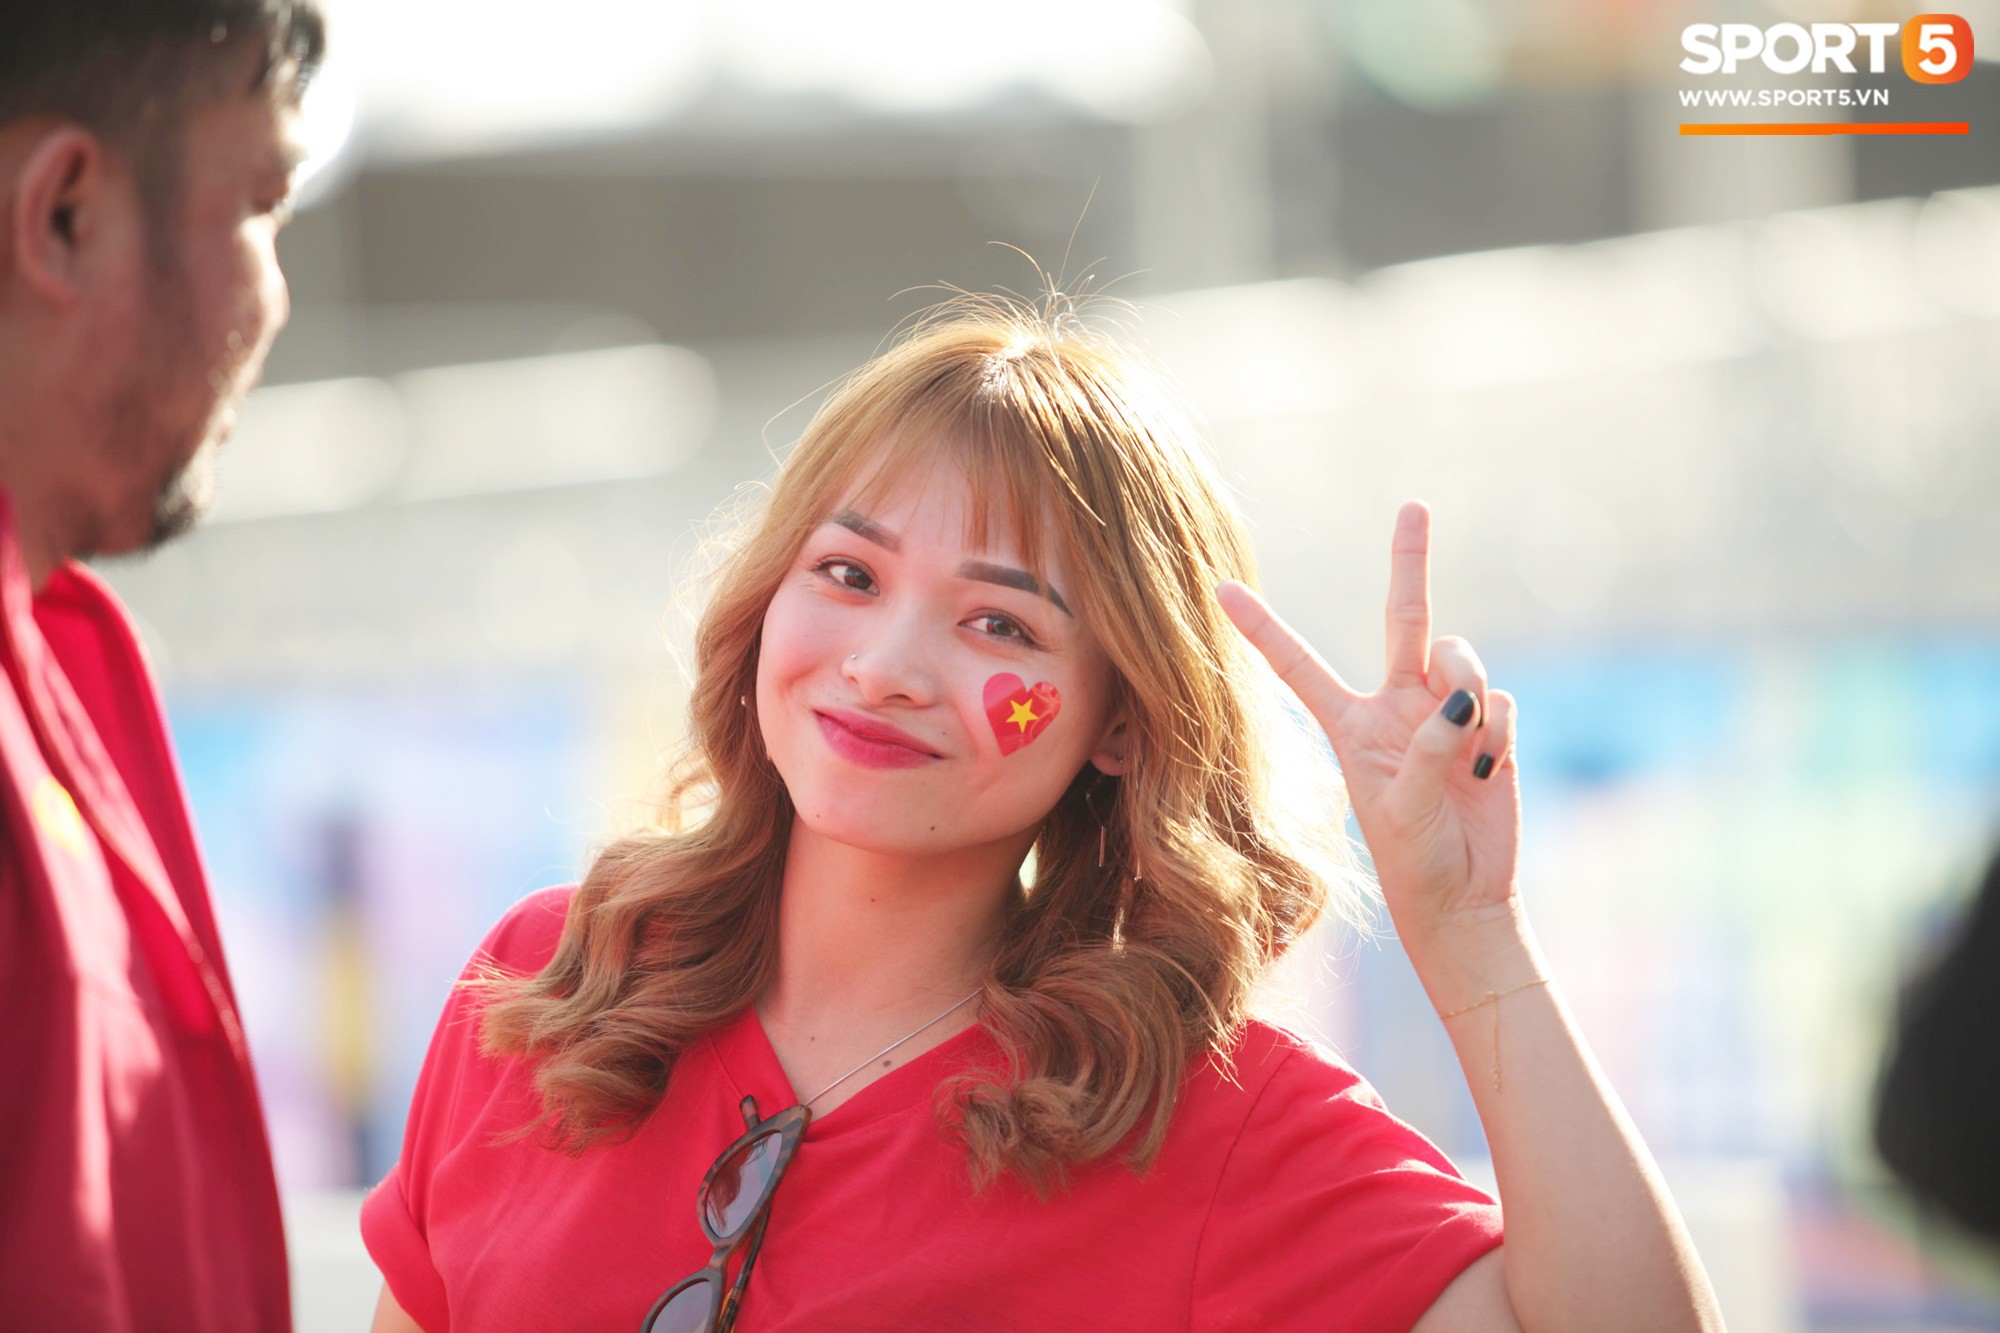 Dàn fangirl xinh đẹp tiếp lửa cho đội tuyển Việt Nam trước trận gặp Iraq-3